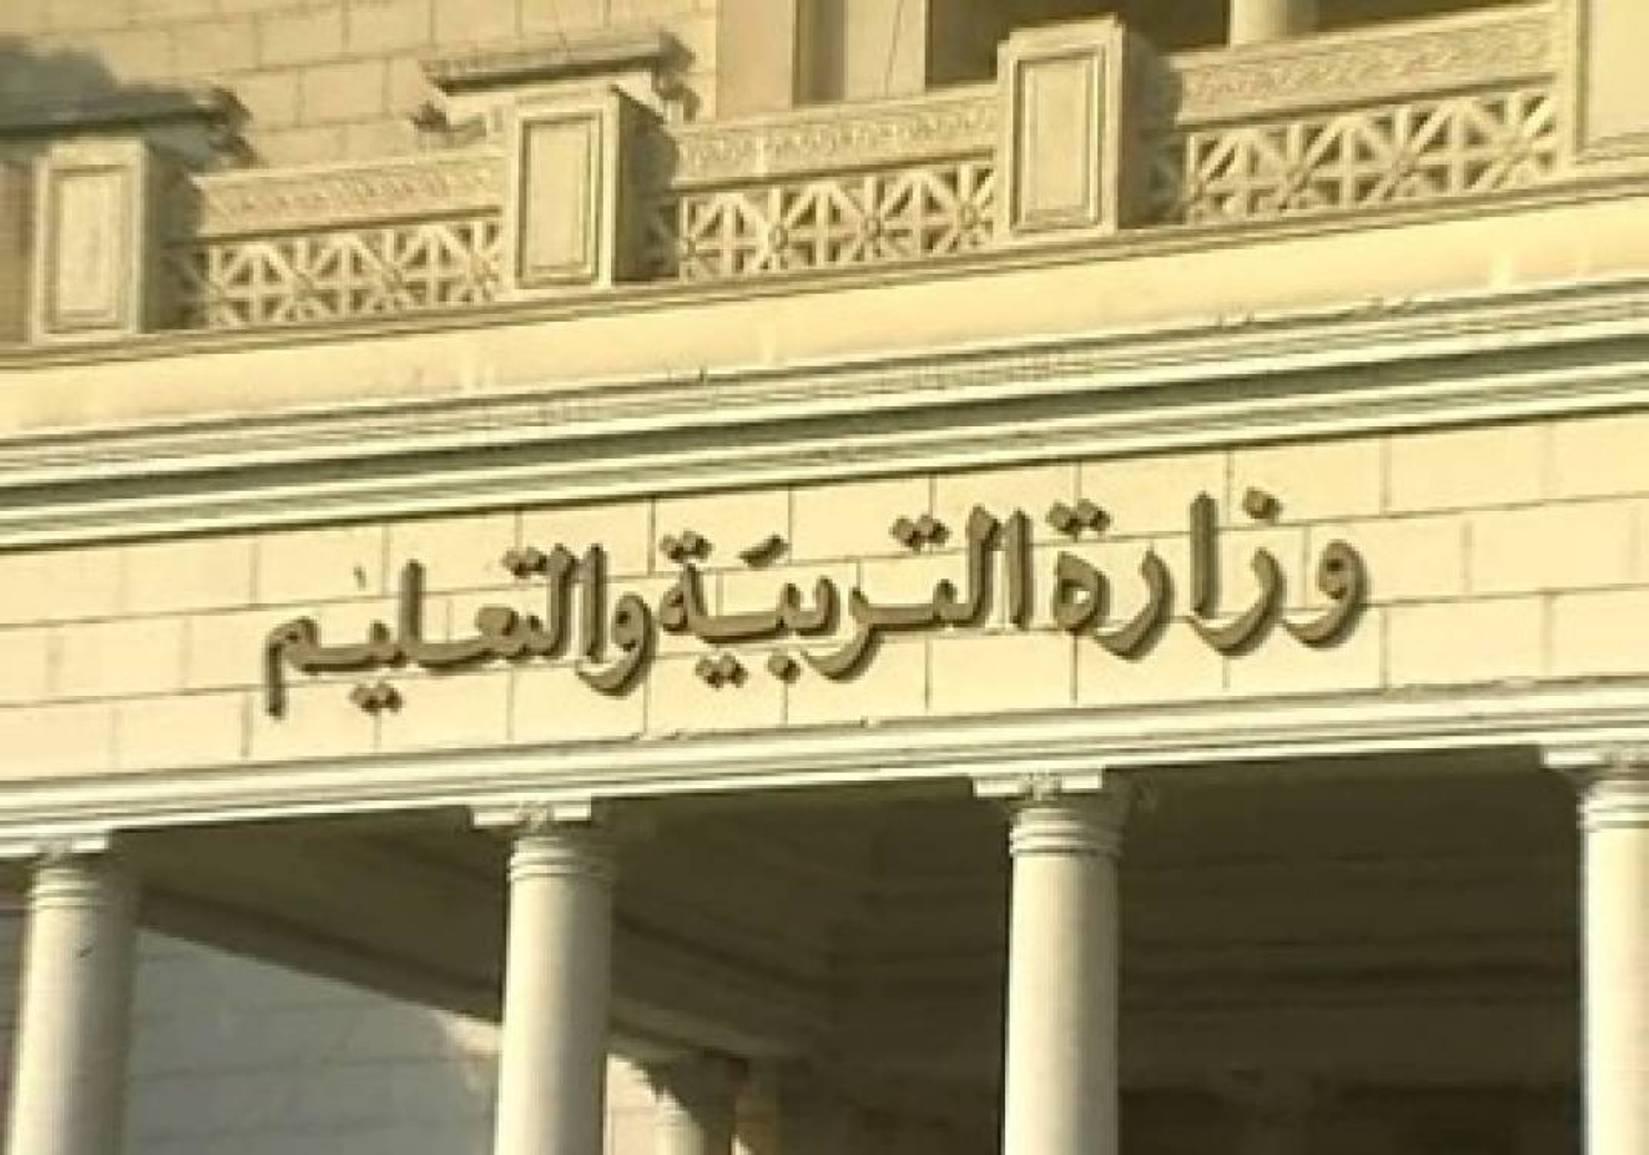 """طالبات بني مزار يحتجن على تعيين مديرة """"مسيحية"""" جديدة"""